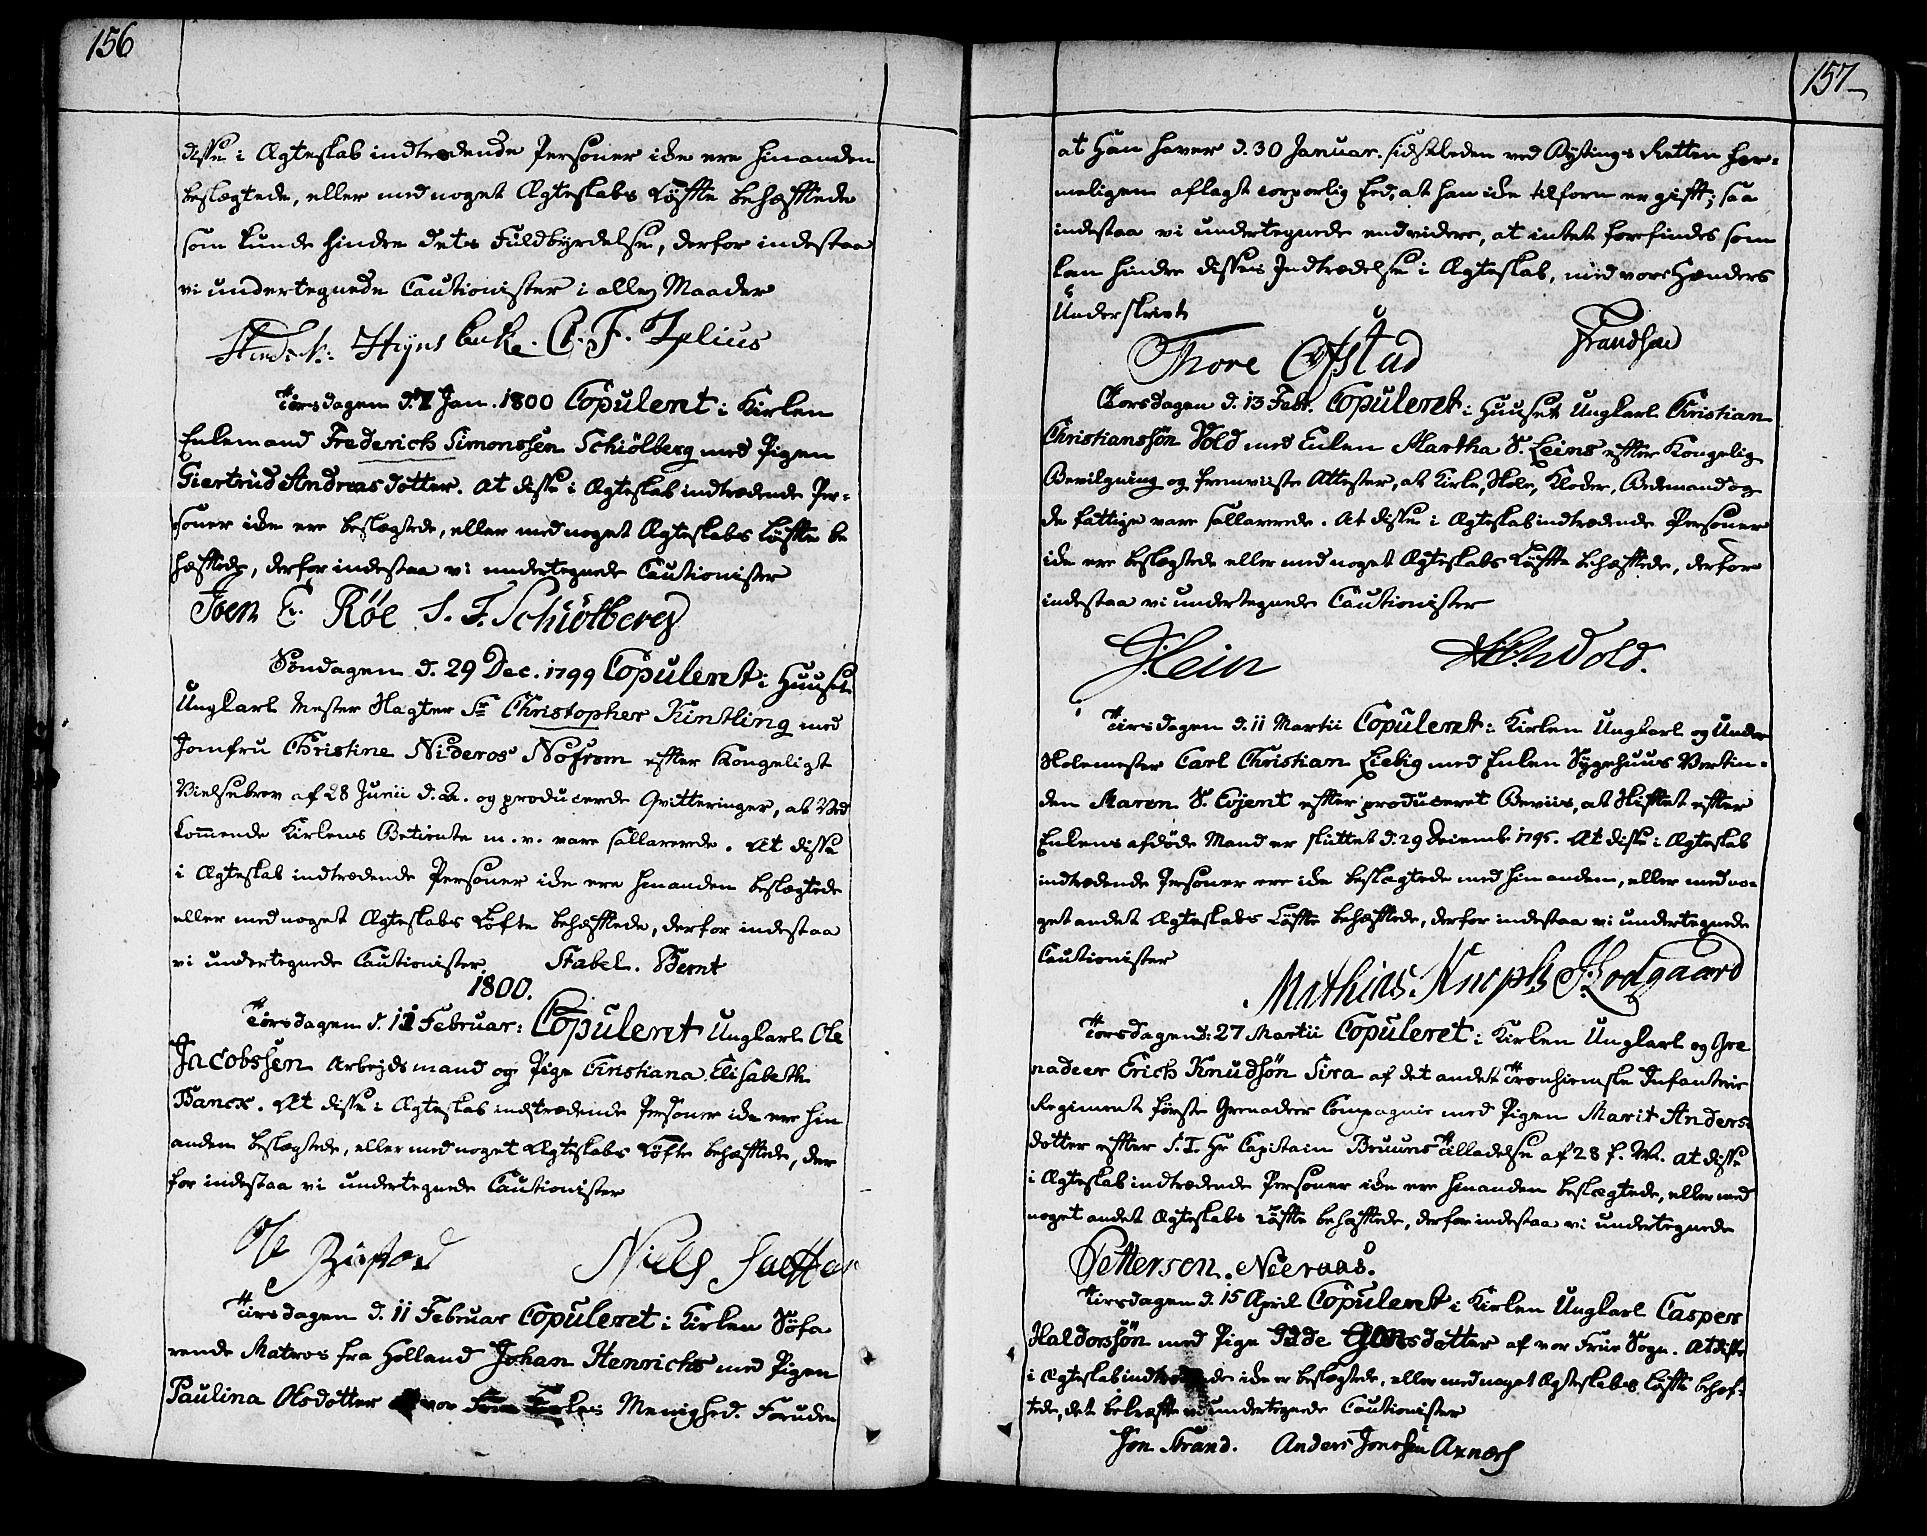 SAT, Ministerialprotokoller, klokkerbøker og fødselsregistre - Sør-Trøndelag, 602/L0105: Ministerialbok nr. 602A03, 1774-1814, s. 156-157